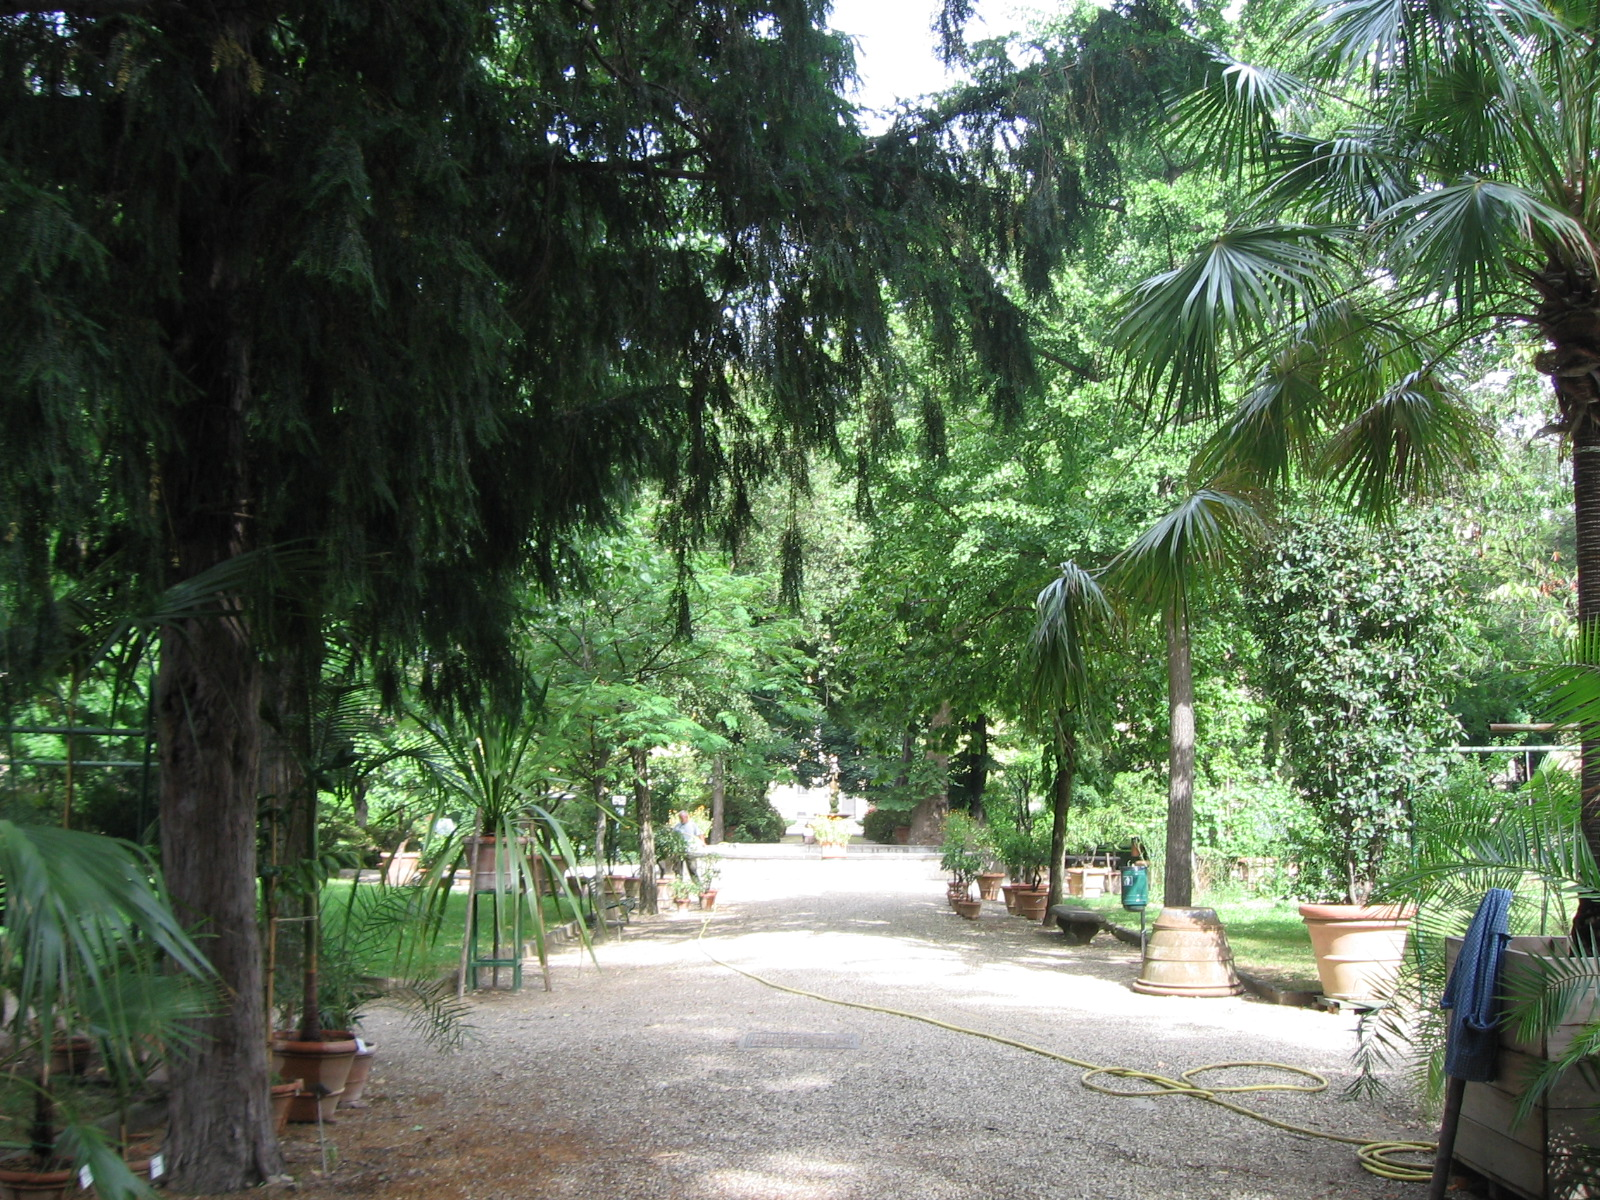 Lorto botanico di firenze festeggia 470 anni lerborista